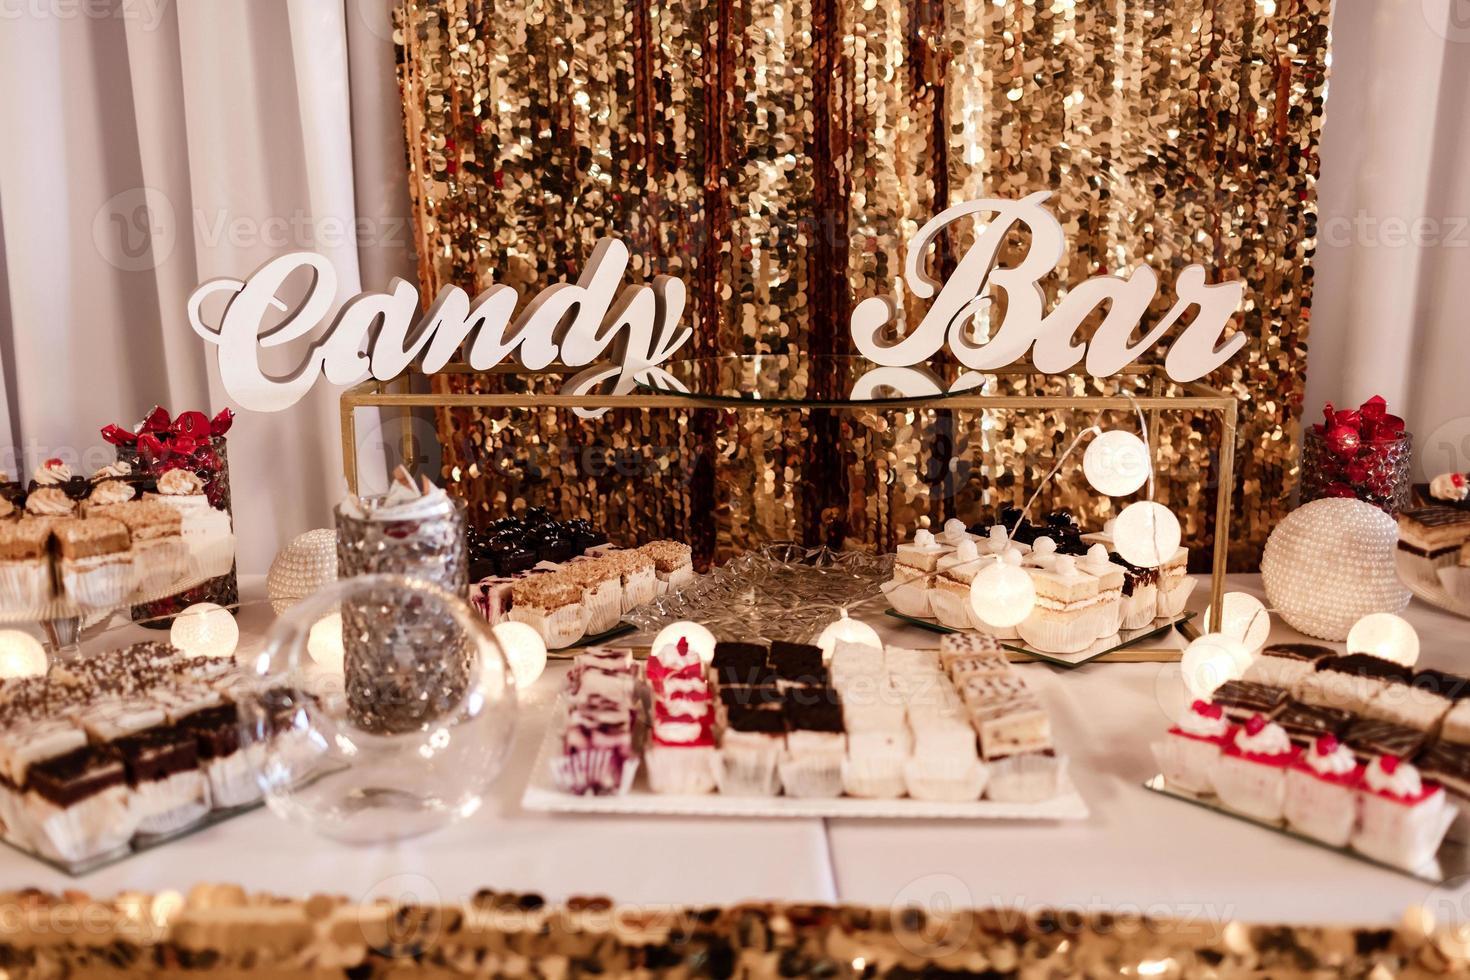 utsökt söt buffé med muffins. söt semesterbuffé med muffins och andra desserter. godisbit. foto